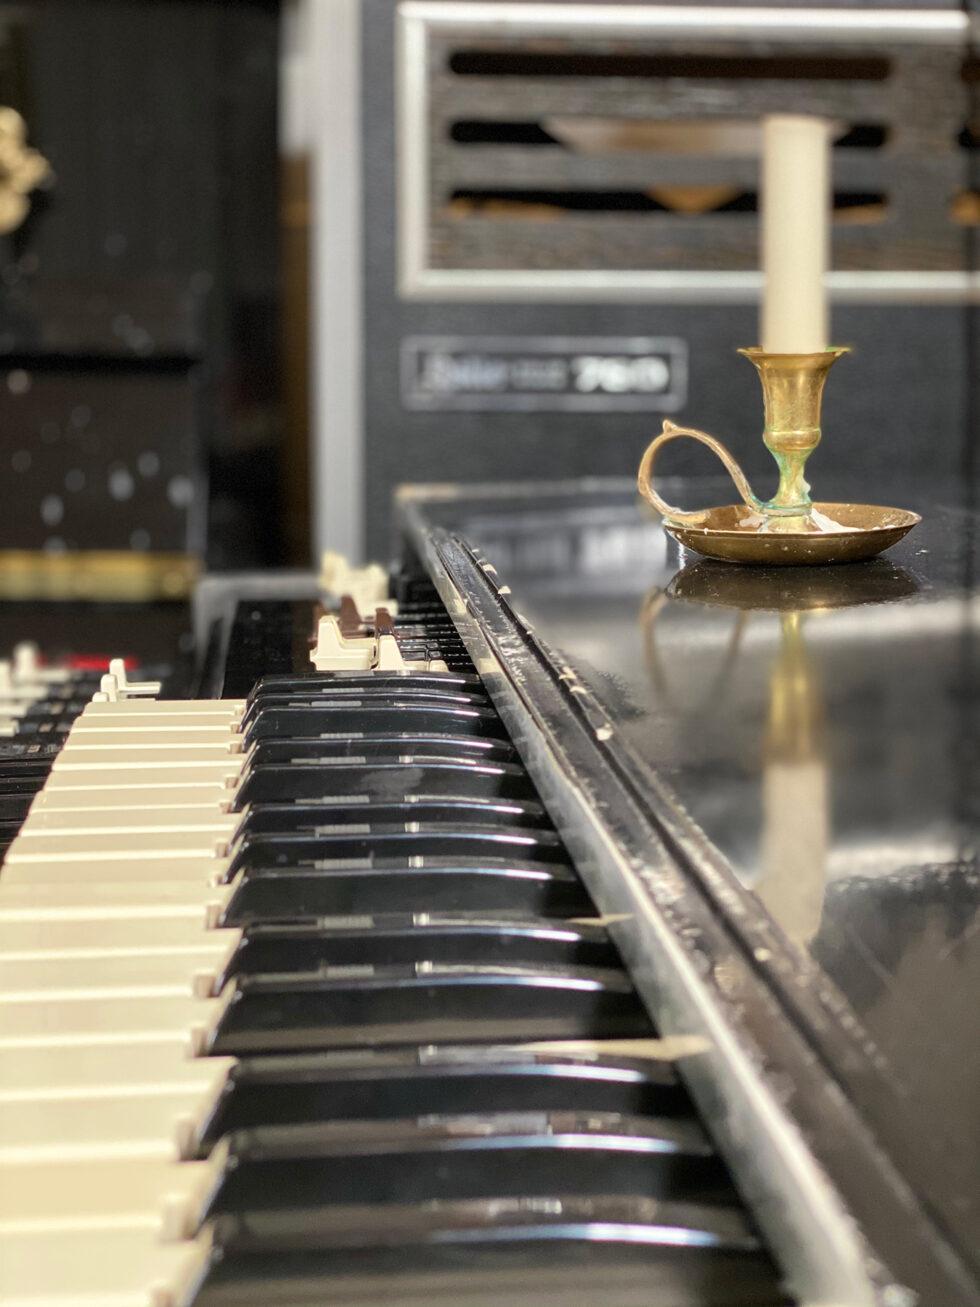 Musikk i stua - 15